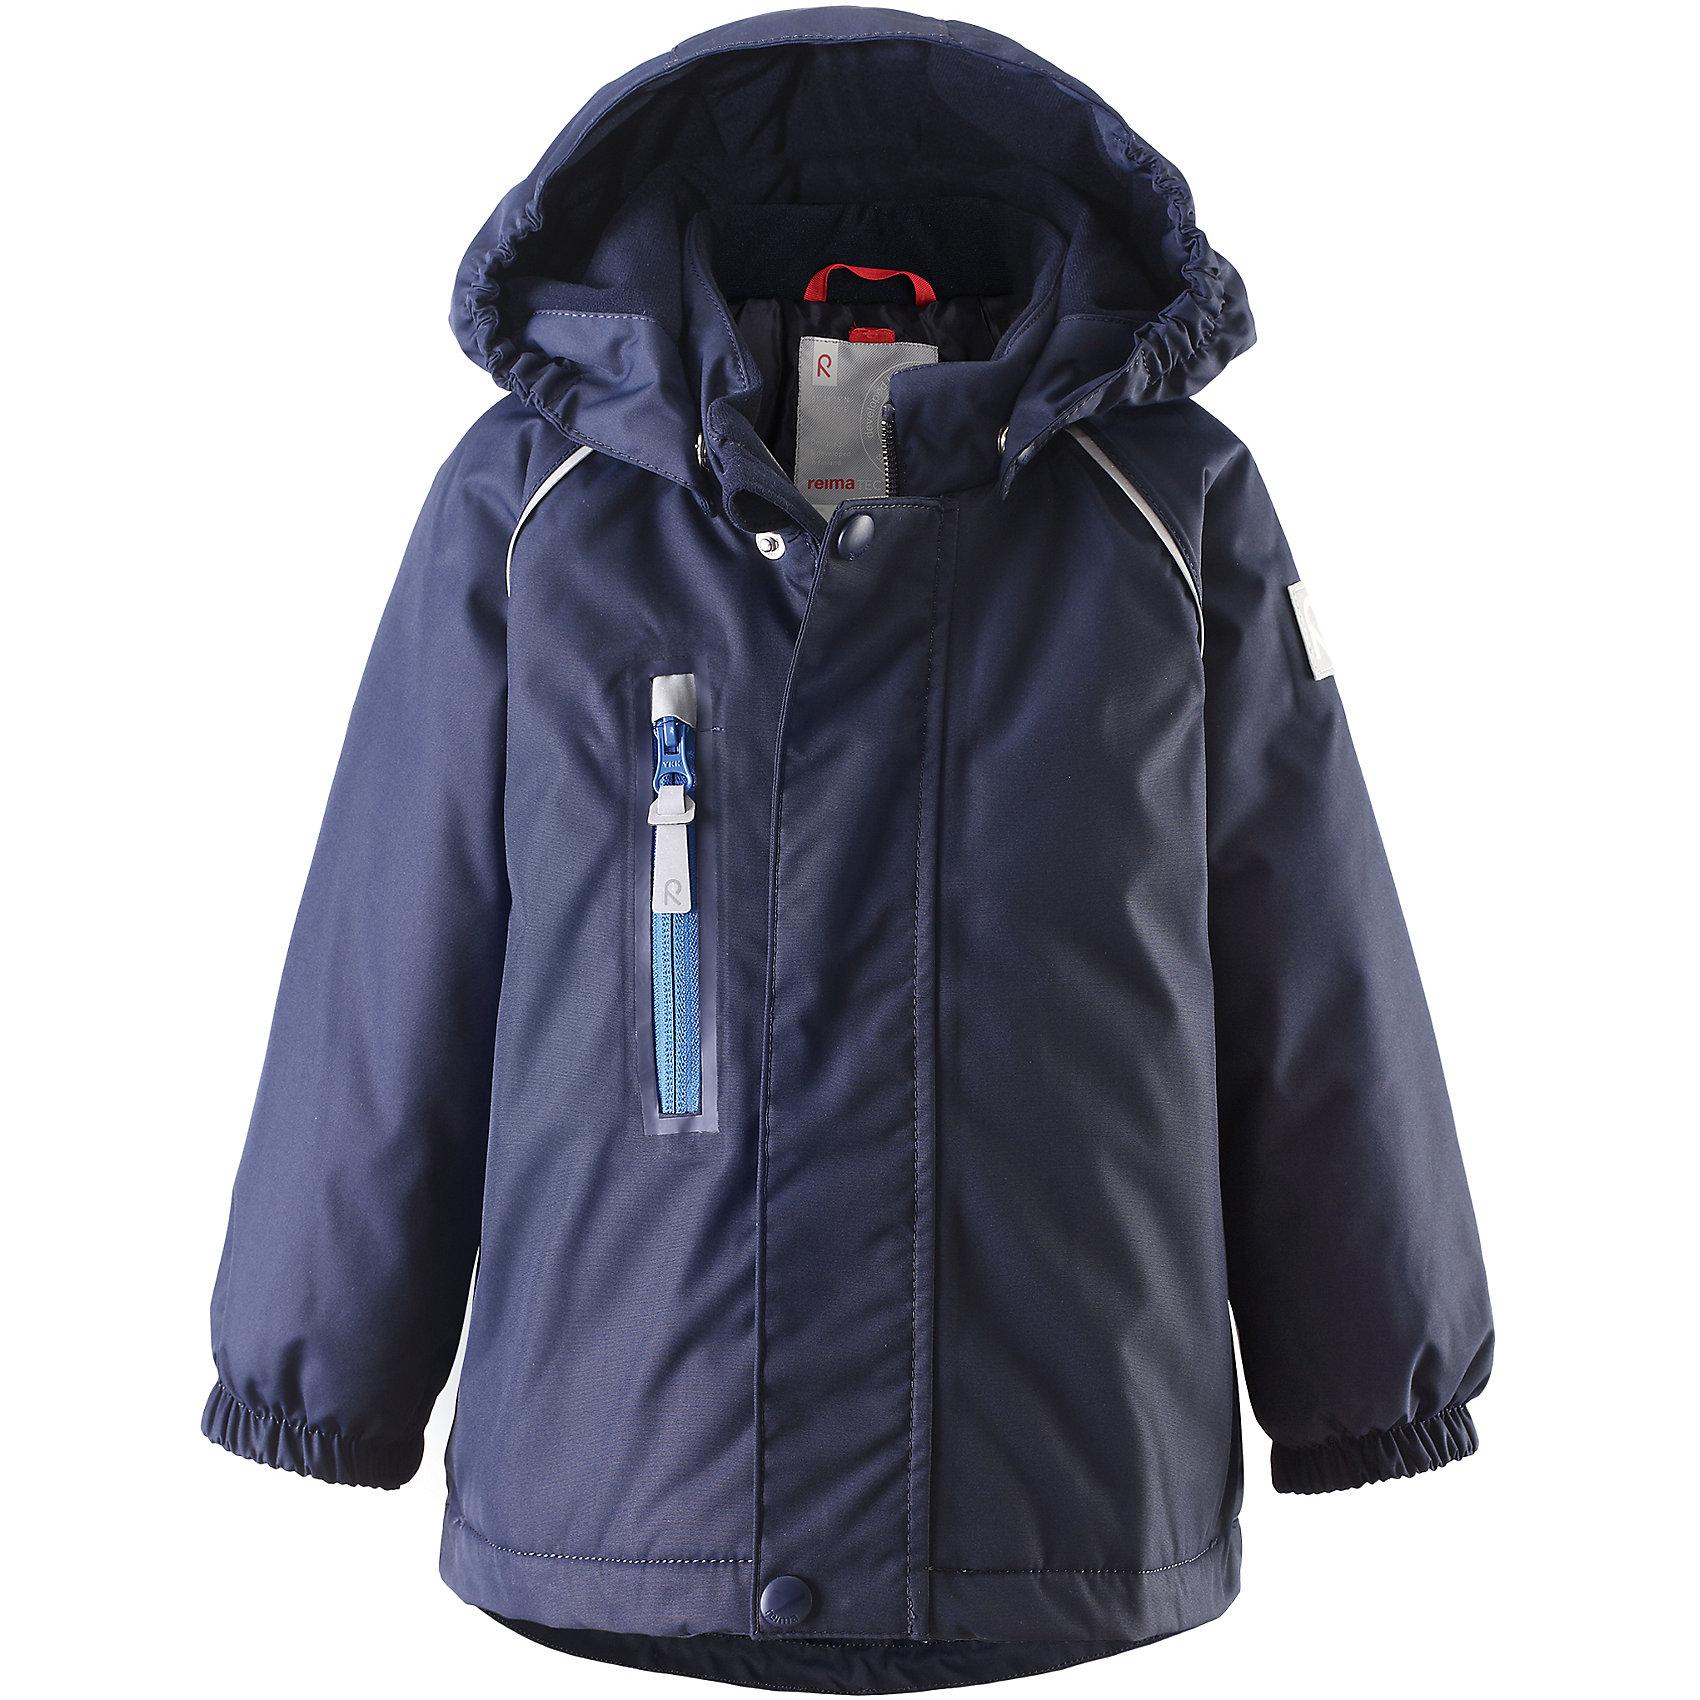 Куртка Pesue для девочки Reimatec® ReimaОдежда<br>Характеристики товара:<br><br>• цвет: синий<br>• состав: 100% полиэстер, полиуретановое покрытие<br>• температурный режим: 0° до -20° градусов<br>• утеплитель: Reima Comfort + 160 г<br>• водонепроницаемая мембрана: от 15000 мм<br>• основные швы проклеены<br>• съёмный капюшон<br>• молния<br>• светоотражающие детали<br>• «дышащий» материал<br>• ветро- водо- и грязеотталкивающий материал<br>• кнопки Reima® Play Layers <br>• карманы<br>• комфортная посадка<br>• страна производства: Китай<br>• страна бренда: Финляндия<br><br>Верхняя одежда для детей может быть модной и комфортной одновременно! Эти зимняя куртка поможет обеспечить ребенку комфорт и тепло. Она отлично смотрится с различной одеждой и обувью. Изделие удобно сидит и модно выглядит. Стильный дизайн разрабатывался специально для детей. Отличный вариант для активного отдыха зимой!<br><br>Одежда и обувь от финского бренда Reima пользуется популярностью во многих странах. Эти изделия стильные, качественные и удобные. Для производства продукции используются только безопасные, проверенные материалы и фурнитура. Порадуйте ребенка модными и красивыми вещами от Reima! <br><br>Куртку Pesue для девочки от финского бренда Reimatec® Reima (Рейма) можно купить в нашем интернет-магазине.<br><br>Ширина мм: 356<br>Глубина мм: 10<br>Высота мм: 245<br>Вес г: 519<br>Цвет: синий<br>Возраст от месяцев: 24<br>Возраст до месяцев: 36<br>Пол: Унисекс<br>Возраст: Детский<br>Размер: 98,80,86,92<br>SKU: 5415440